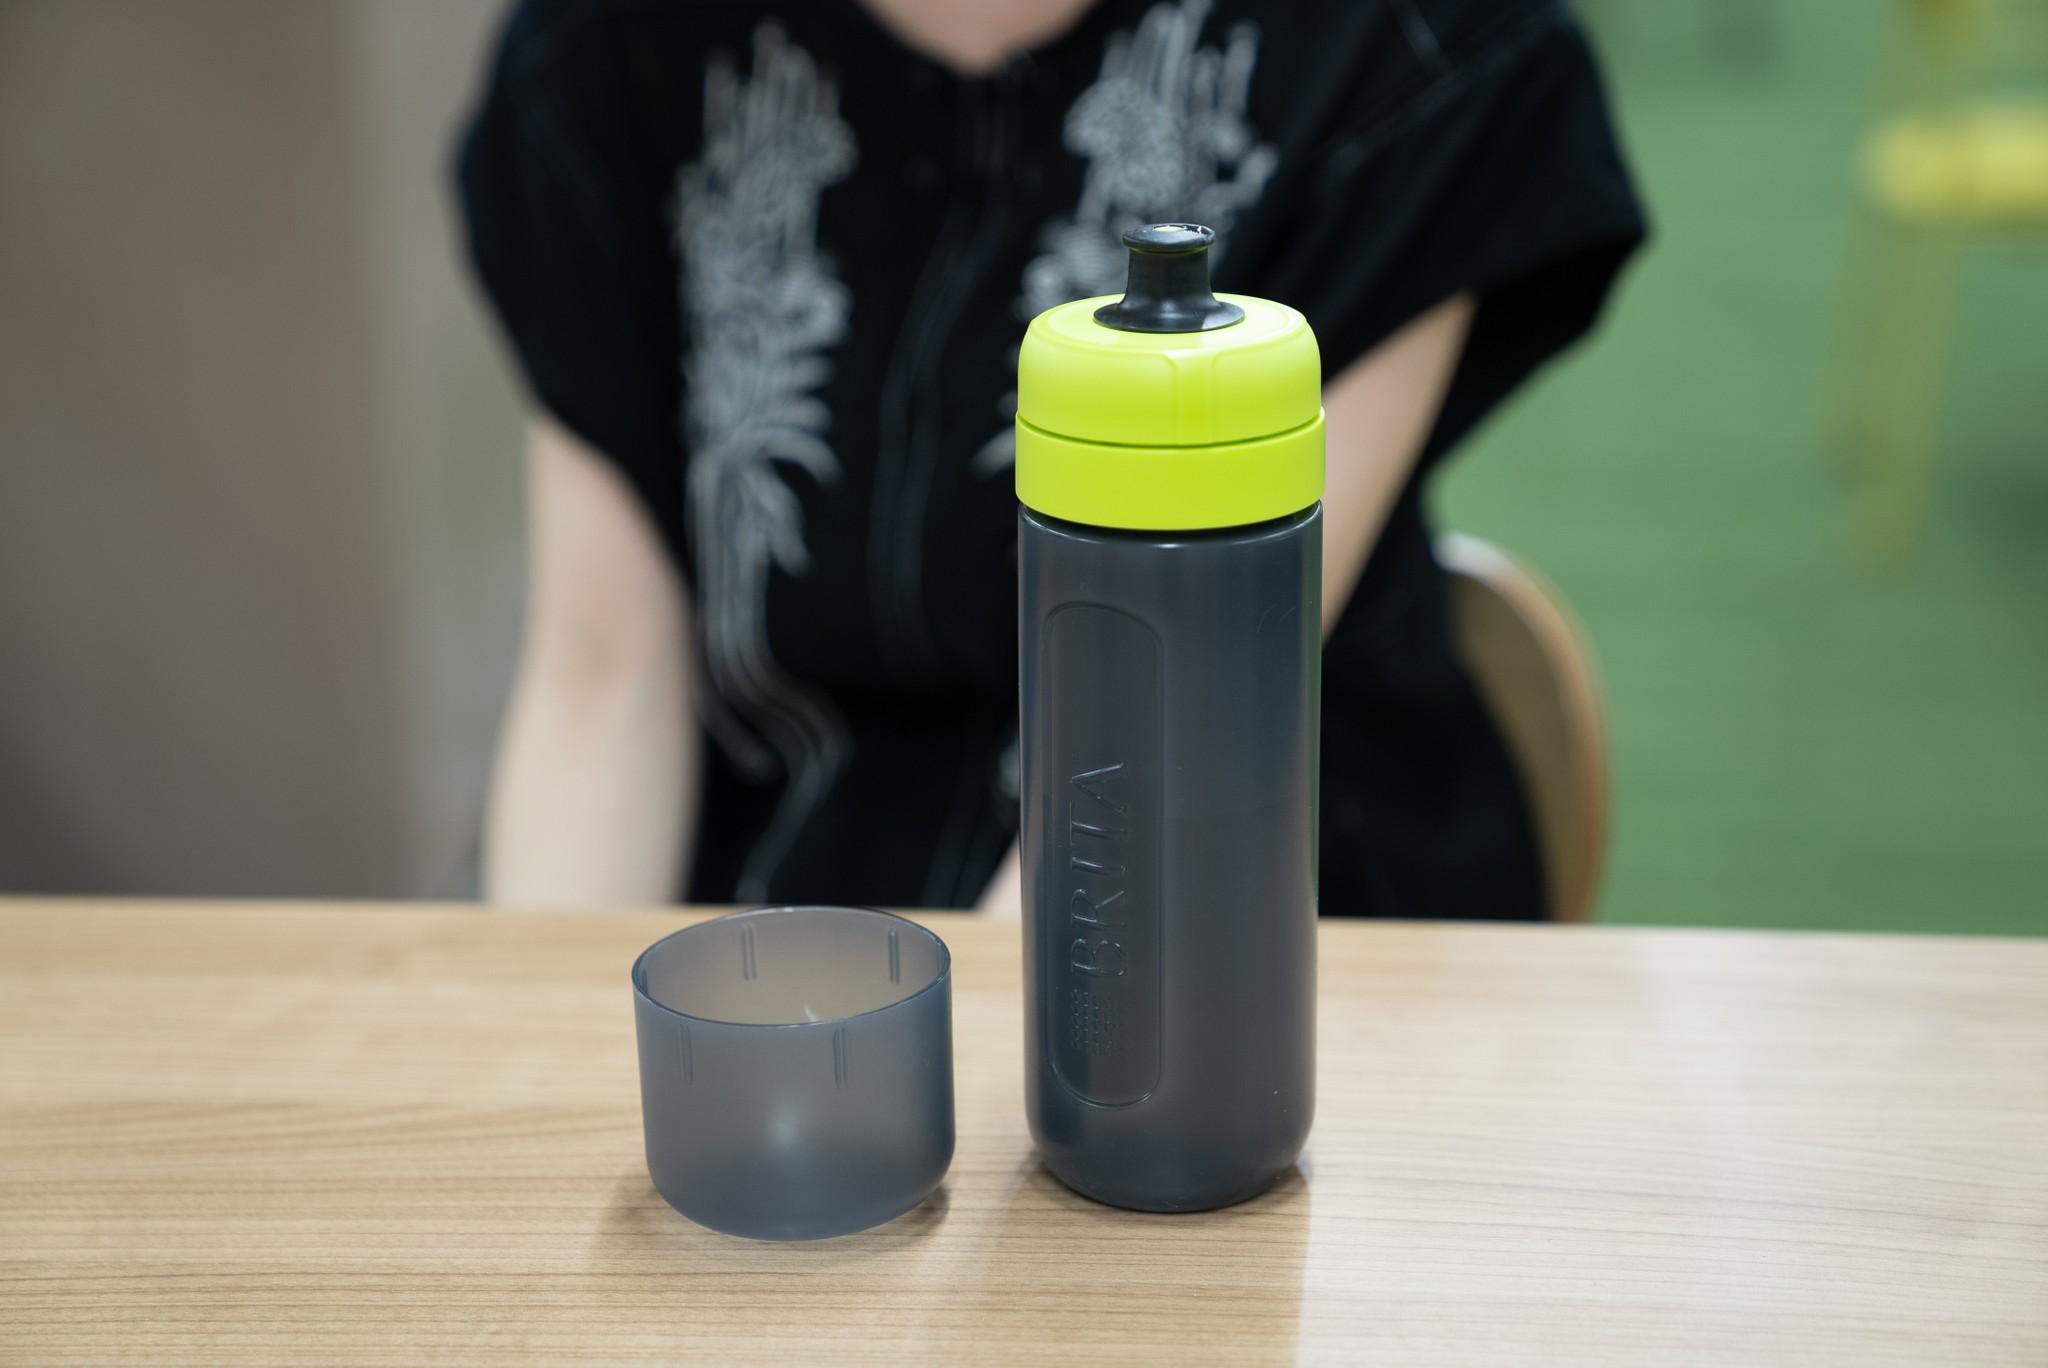 塩谷さんは最近、ペットボトルの代わりに水筒を持ち歩くようにしているという